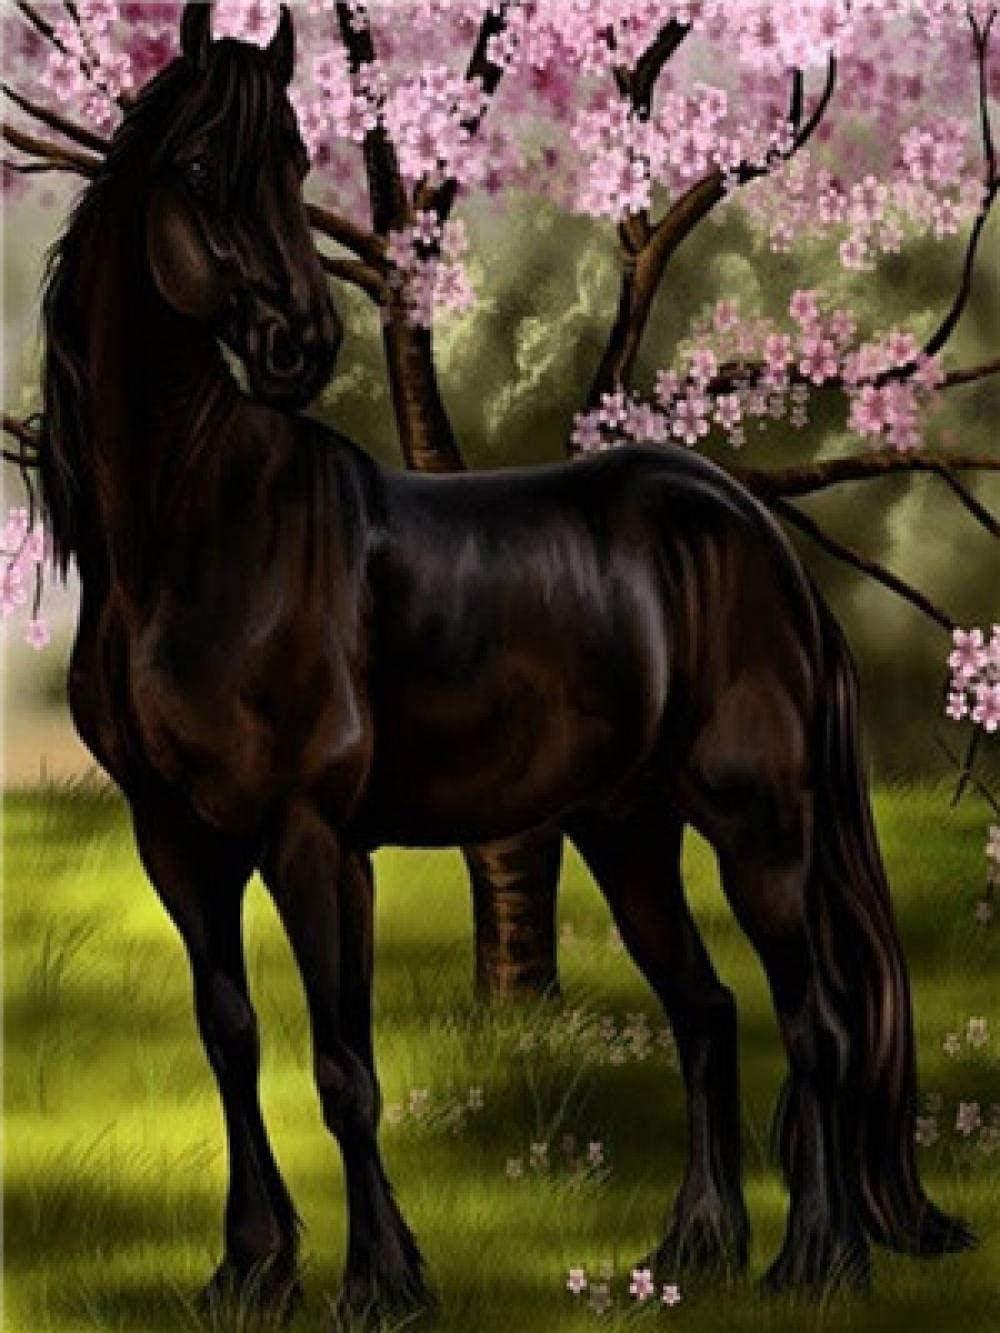 Qbbes Pintura sobre Lienzo Principiante Animal Caballo Negro Pintura por Números para Adultos Y Niños Pintura sobre Lienzo con Pinceles Y Pinturas Acrílicas B